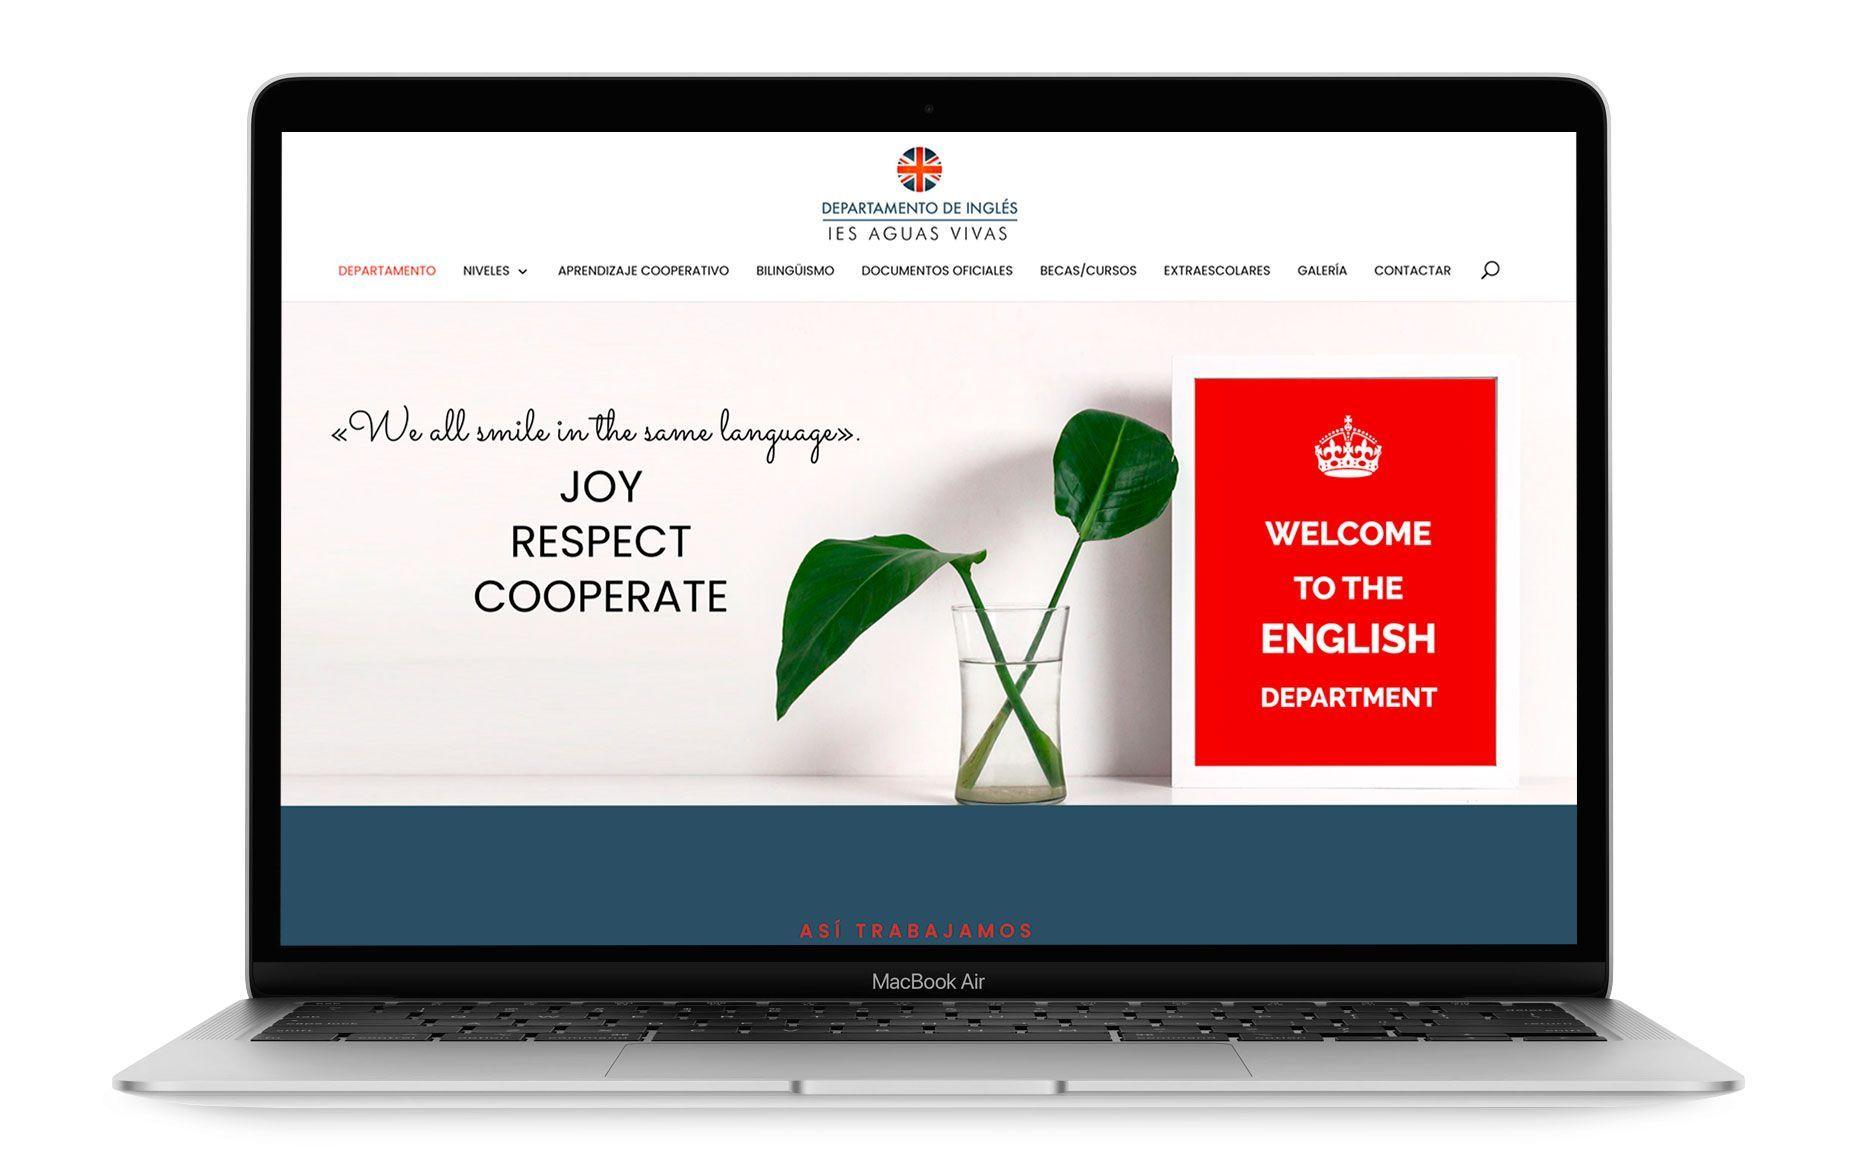 Diseño web de Departamento de Inglés IES Aguas Vivas